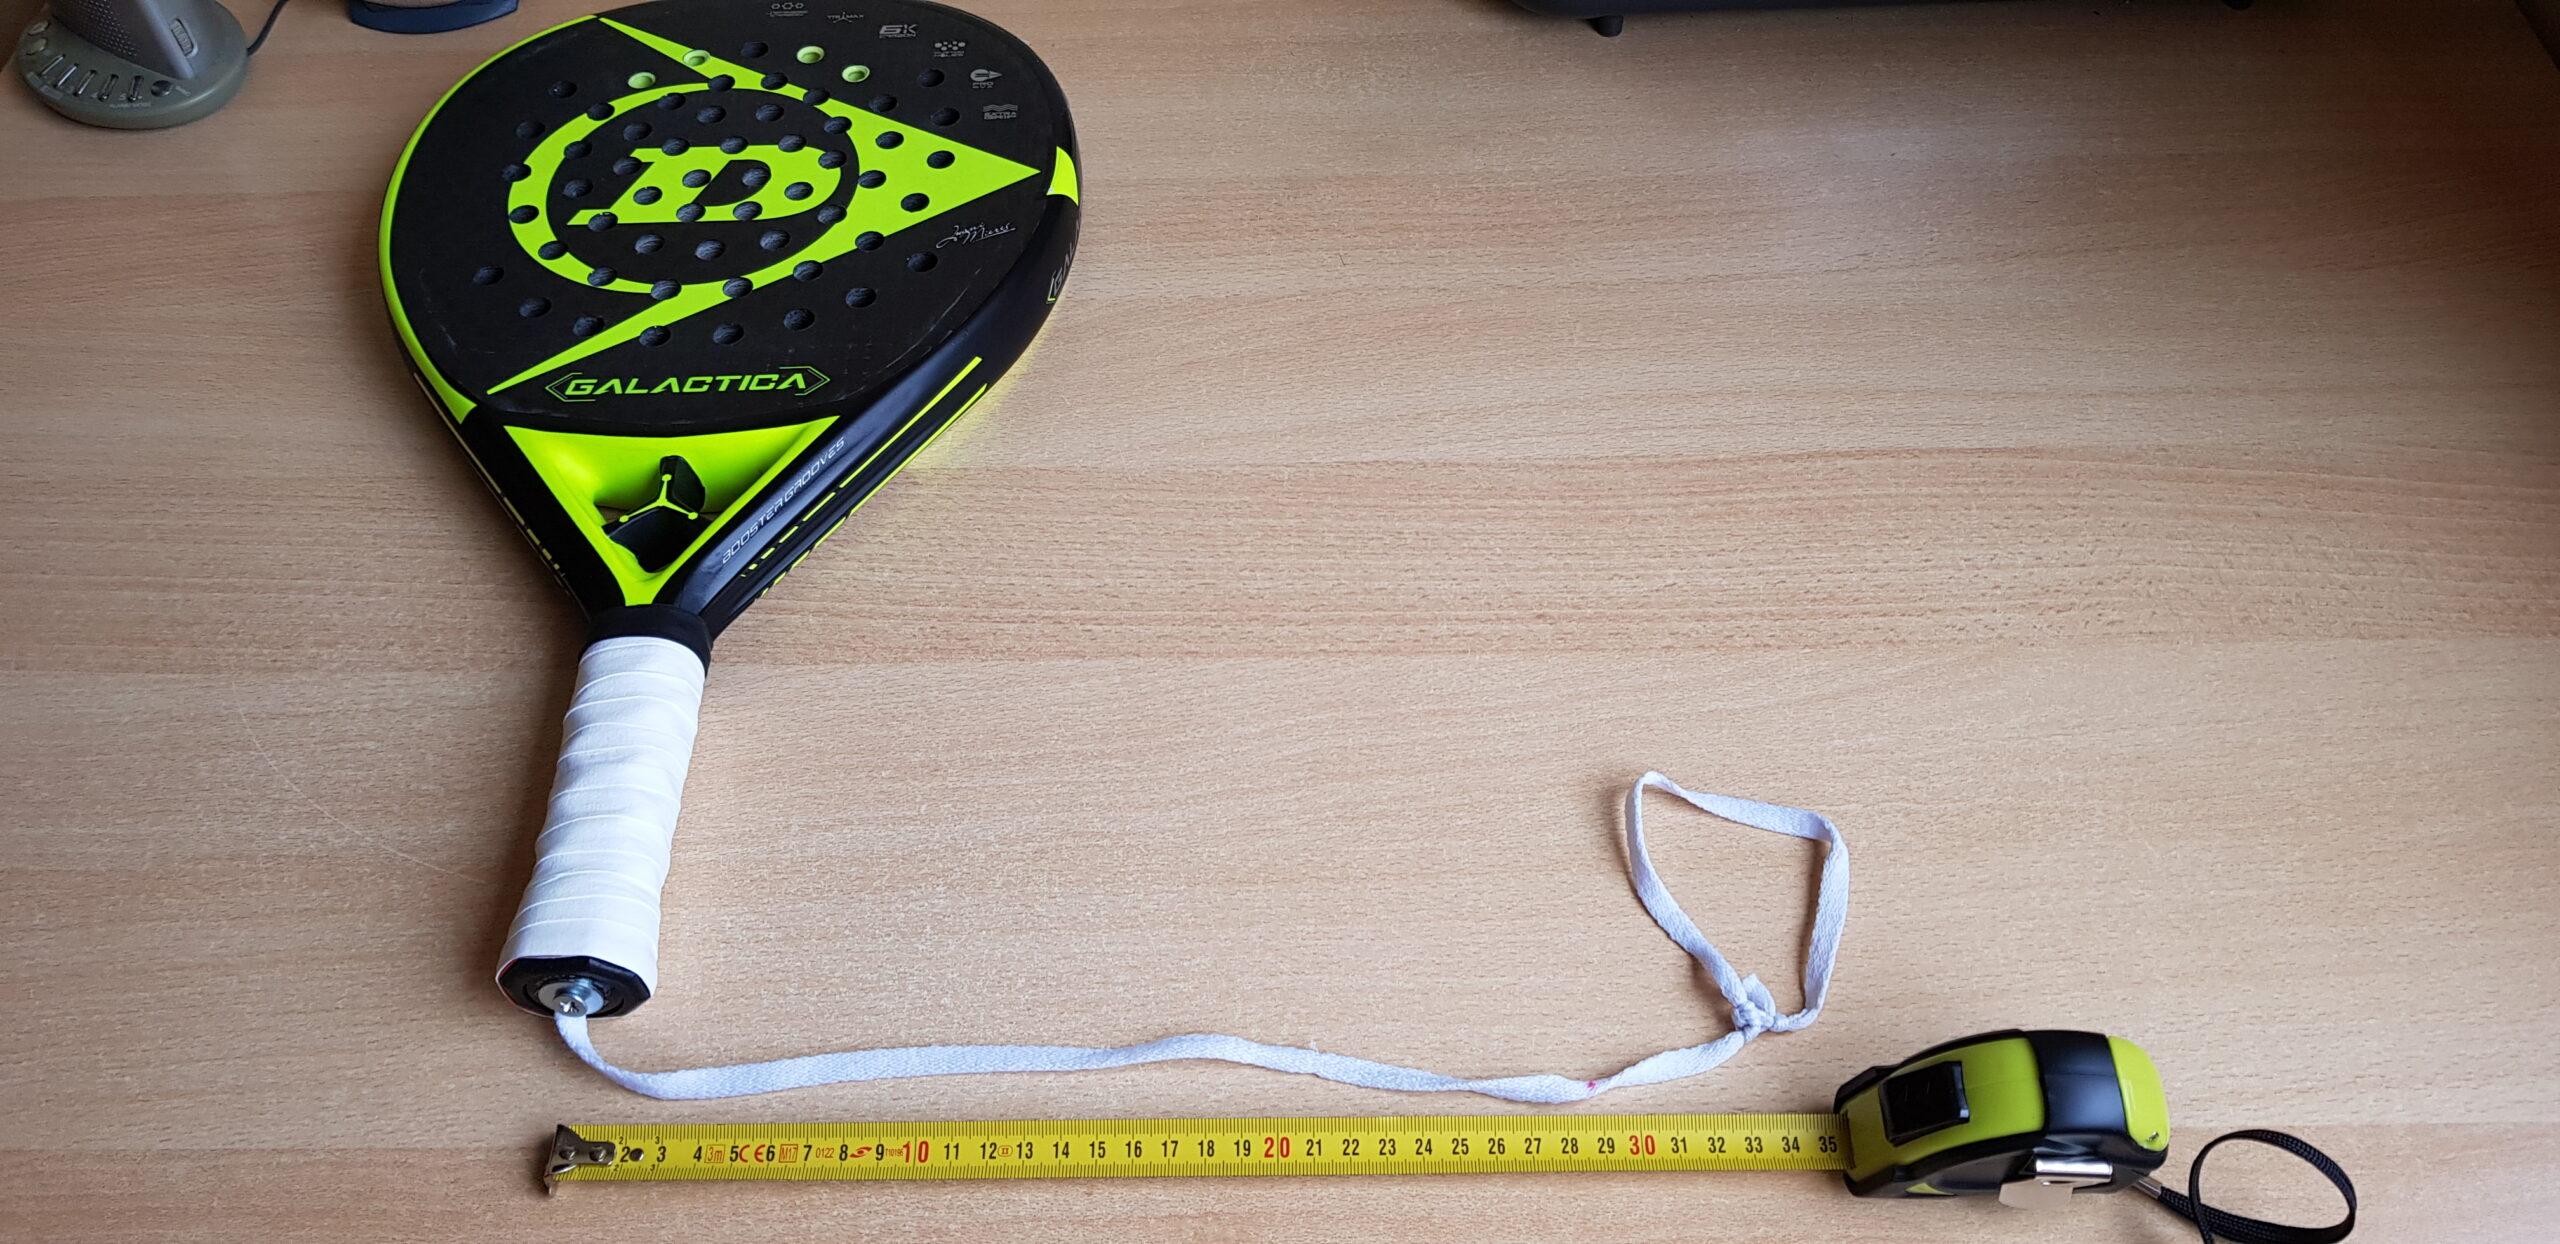 Dragonne modifiée 35cm de long Padel Ambidextre